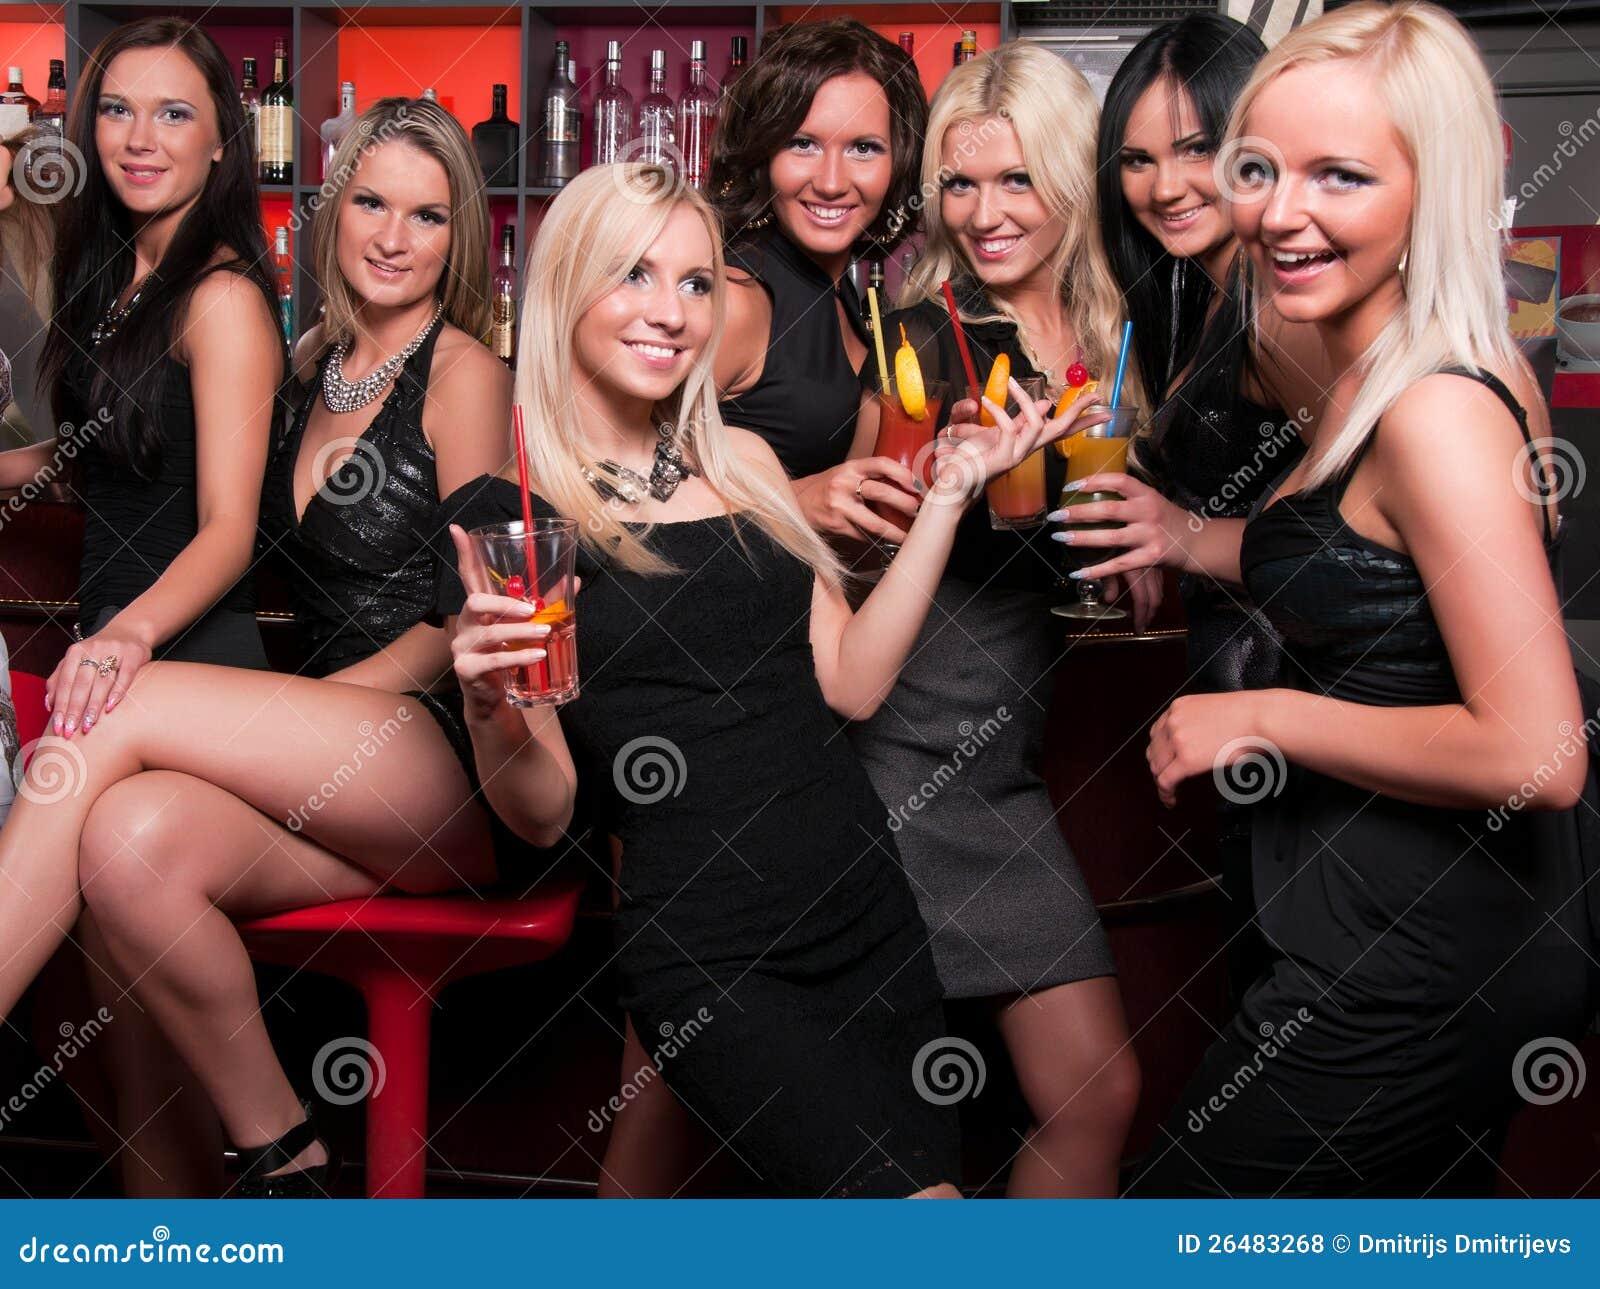 Фотографии девушки в клубе 12 фотография